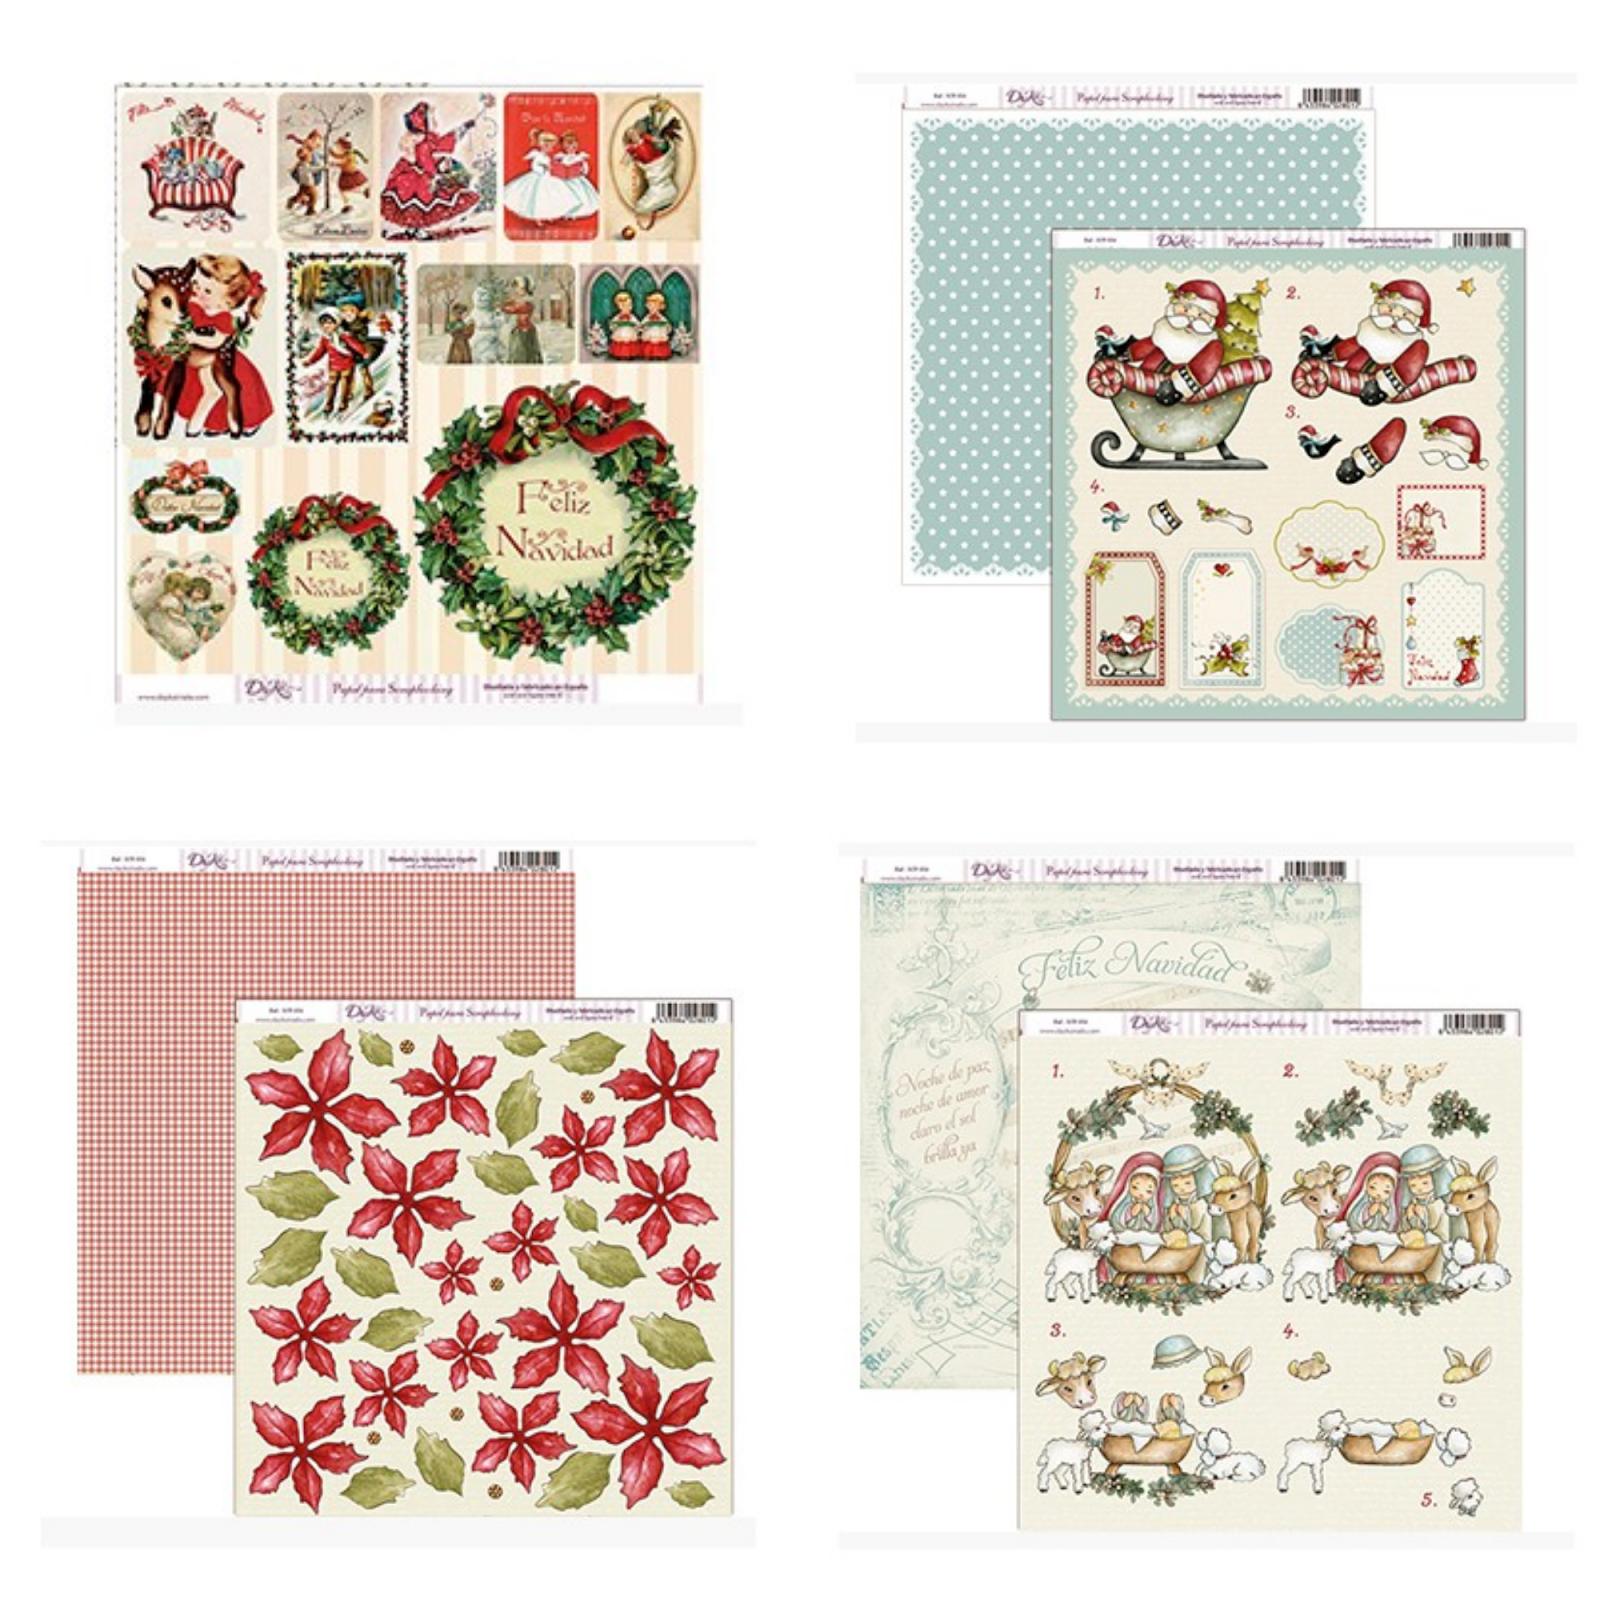 Como decorar bolas de navidad con papel de scrapbooking - Como decorar bolas de navidad ...